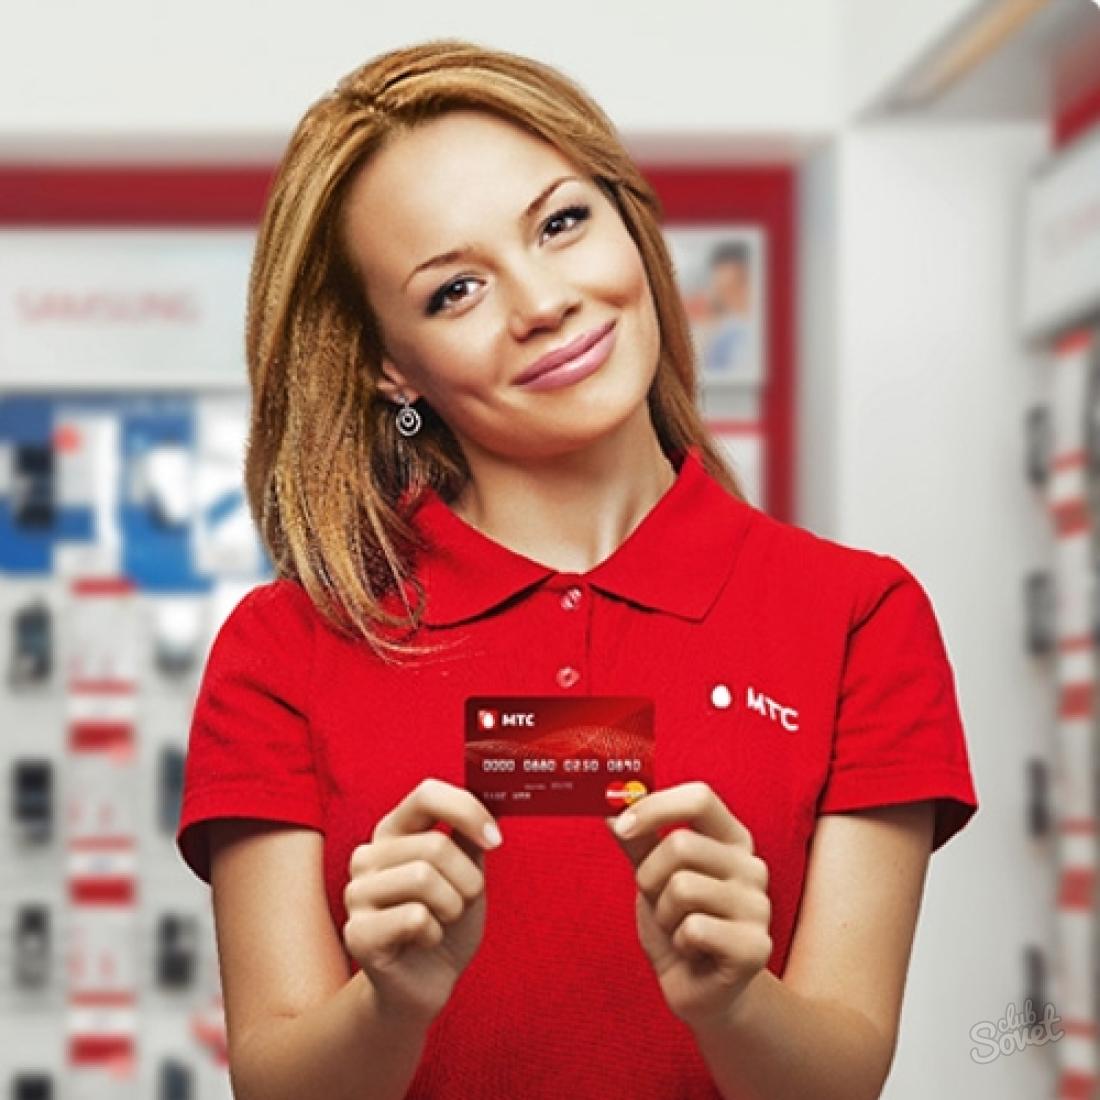 фото девушки в рекламе мтс